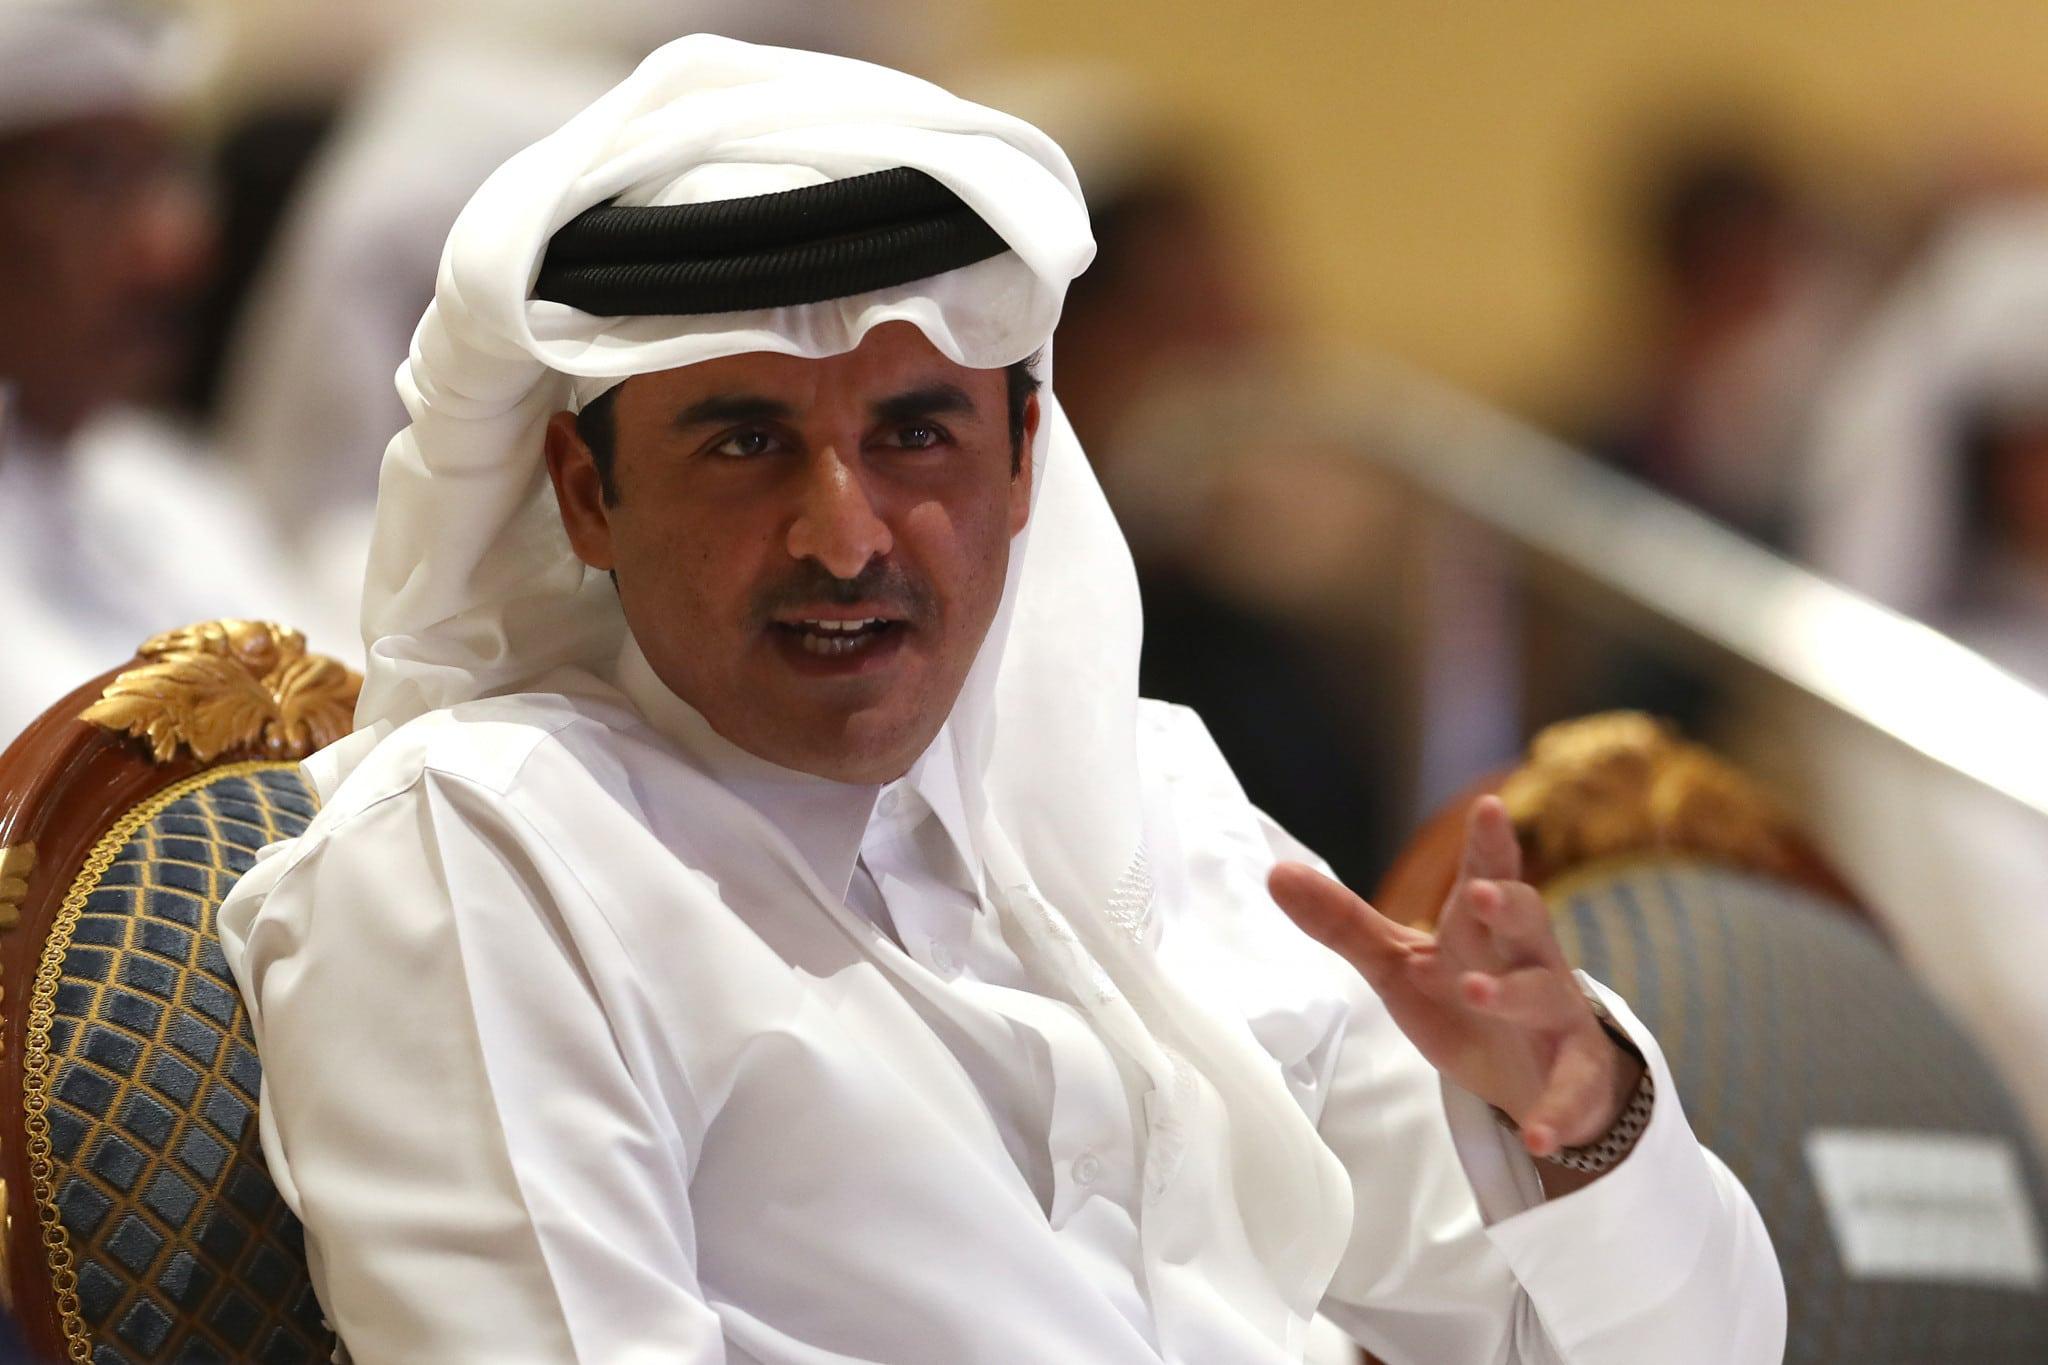 انتخابات مجلس الشورى في قطر دلالة على أن الأسرة الحاكمة ماضية في طريق تقاسم السلطة مع مواطنيها